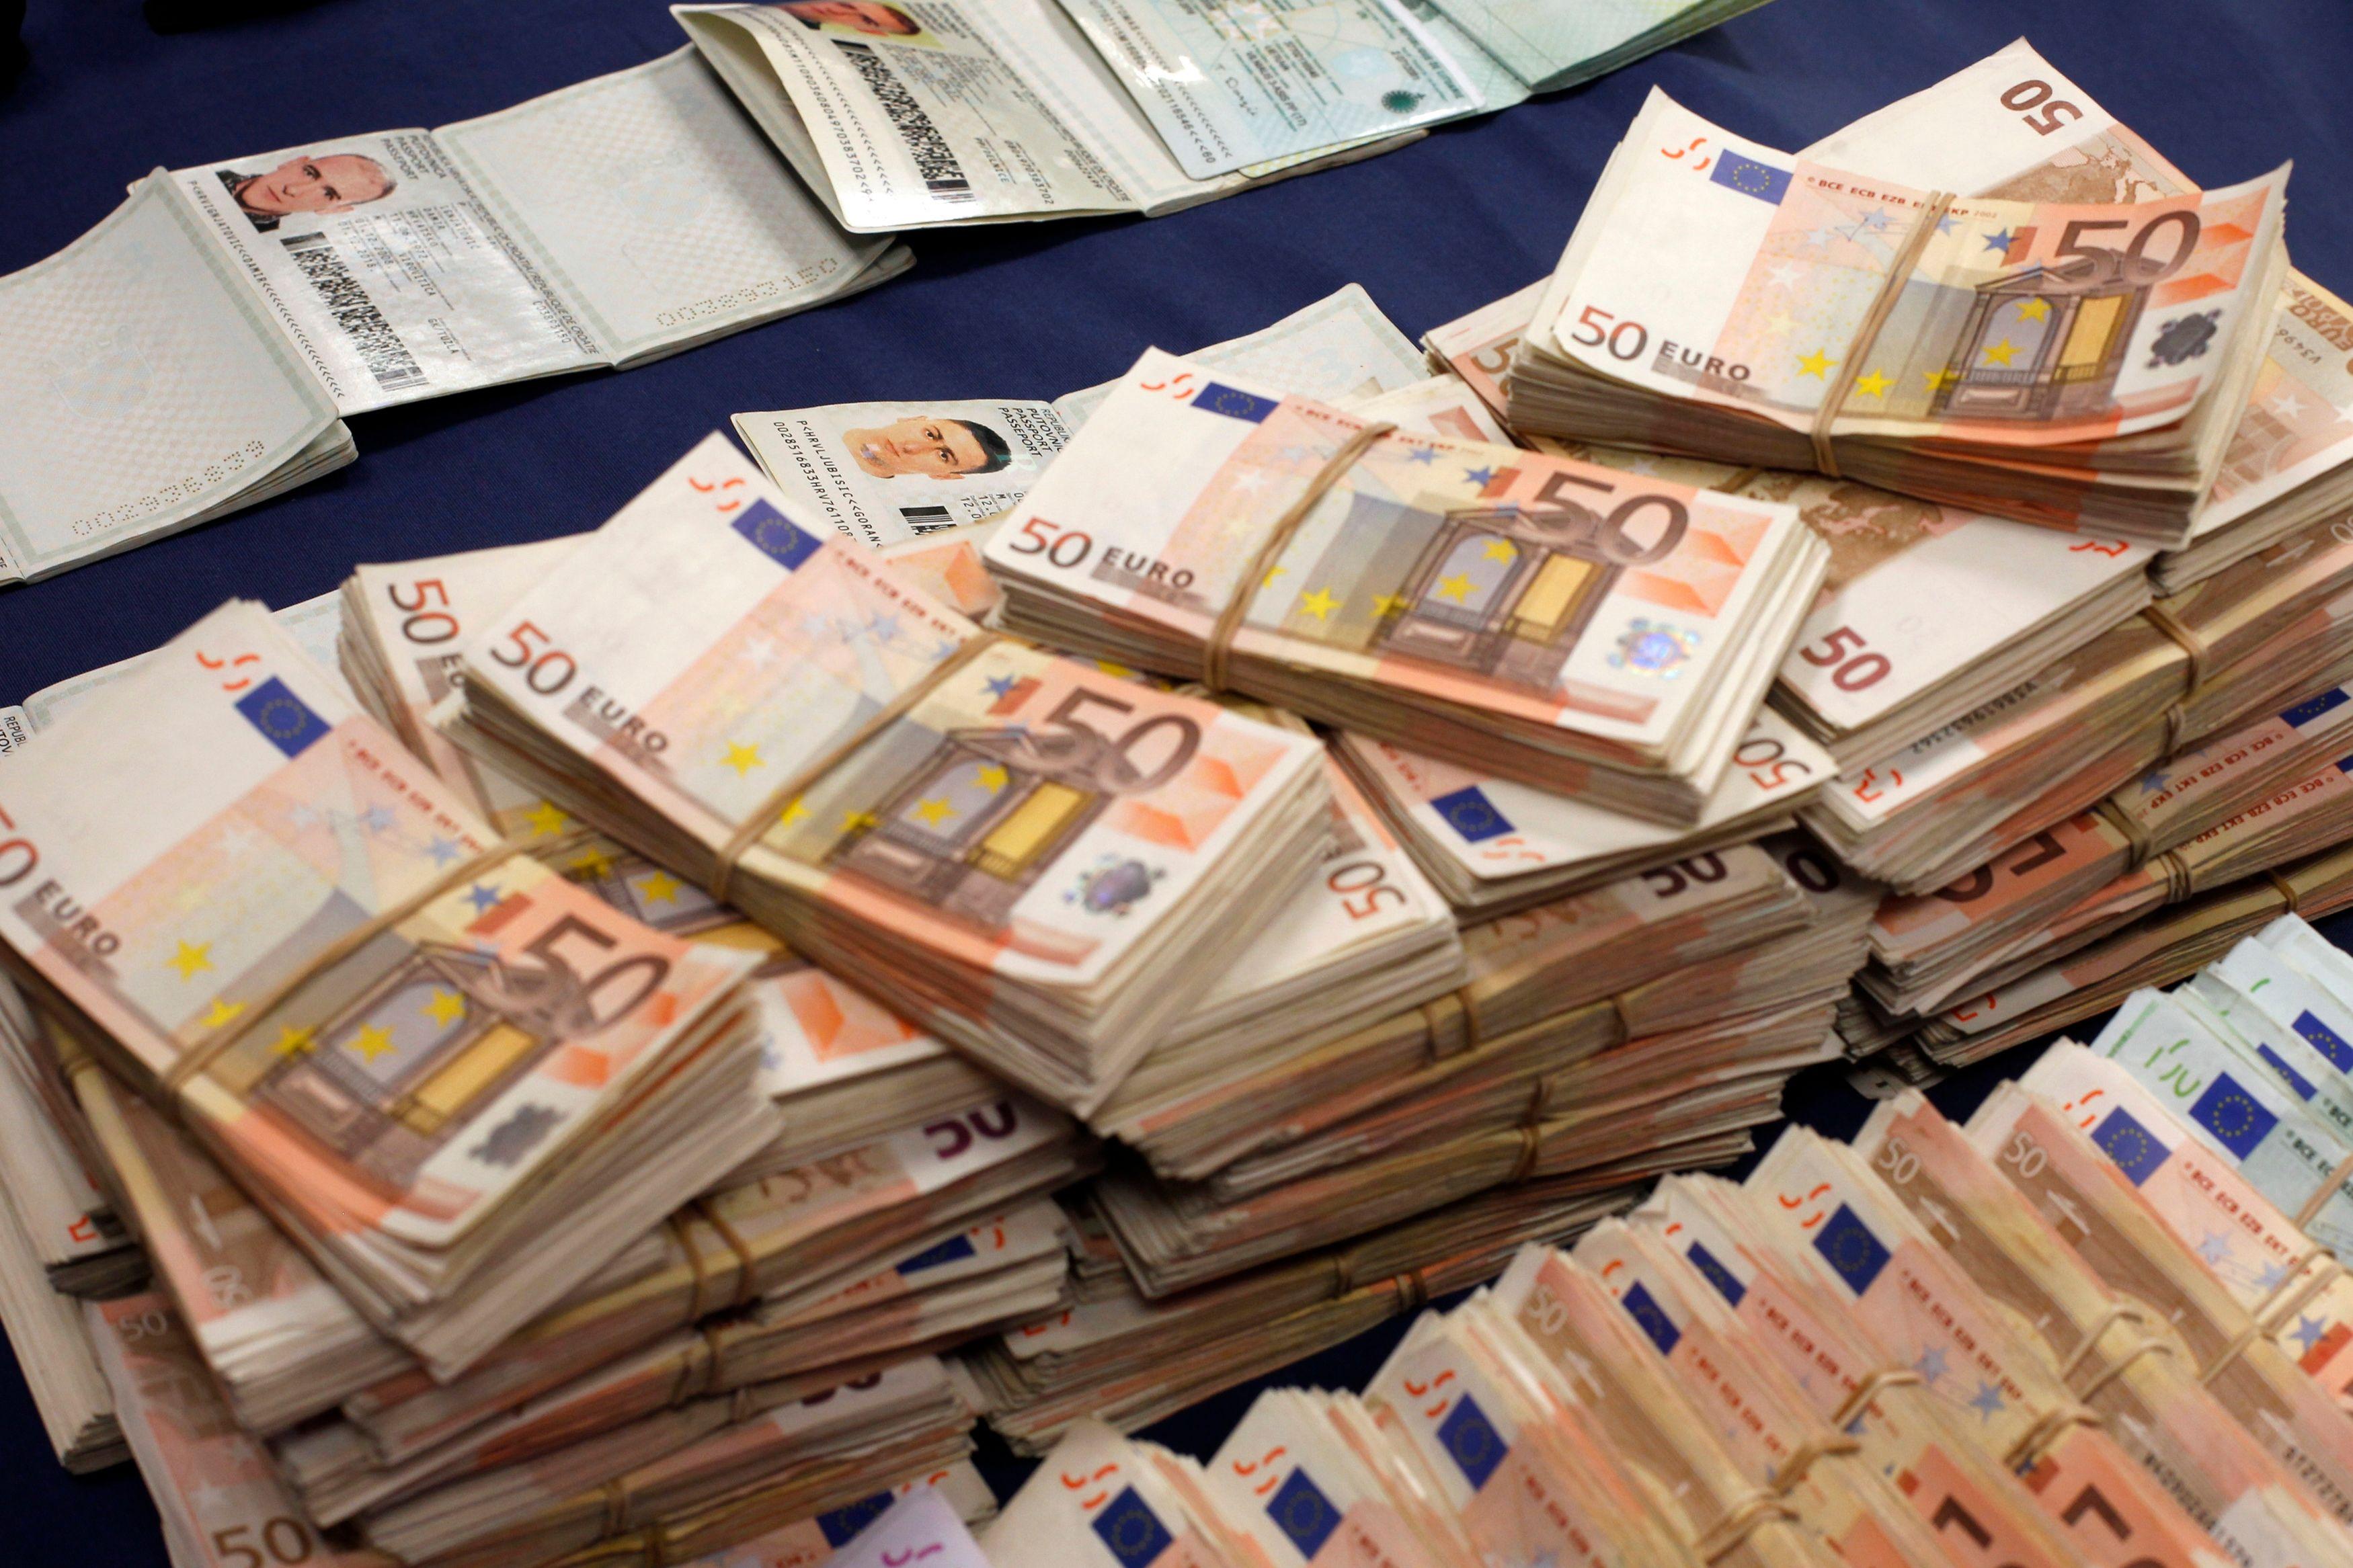 Et l'explication aux faibles hausses de salaires dans la zone euro malgré la baisse du chômage est loin d'être uniquement celle que veut bien avouer la BCE